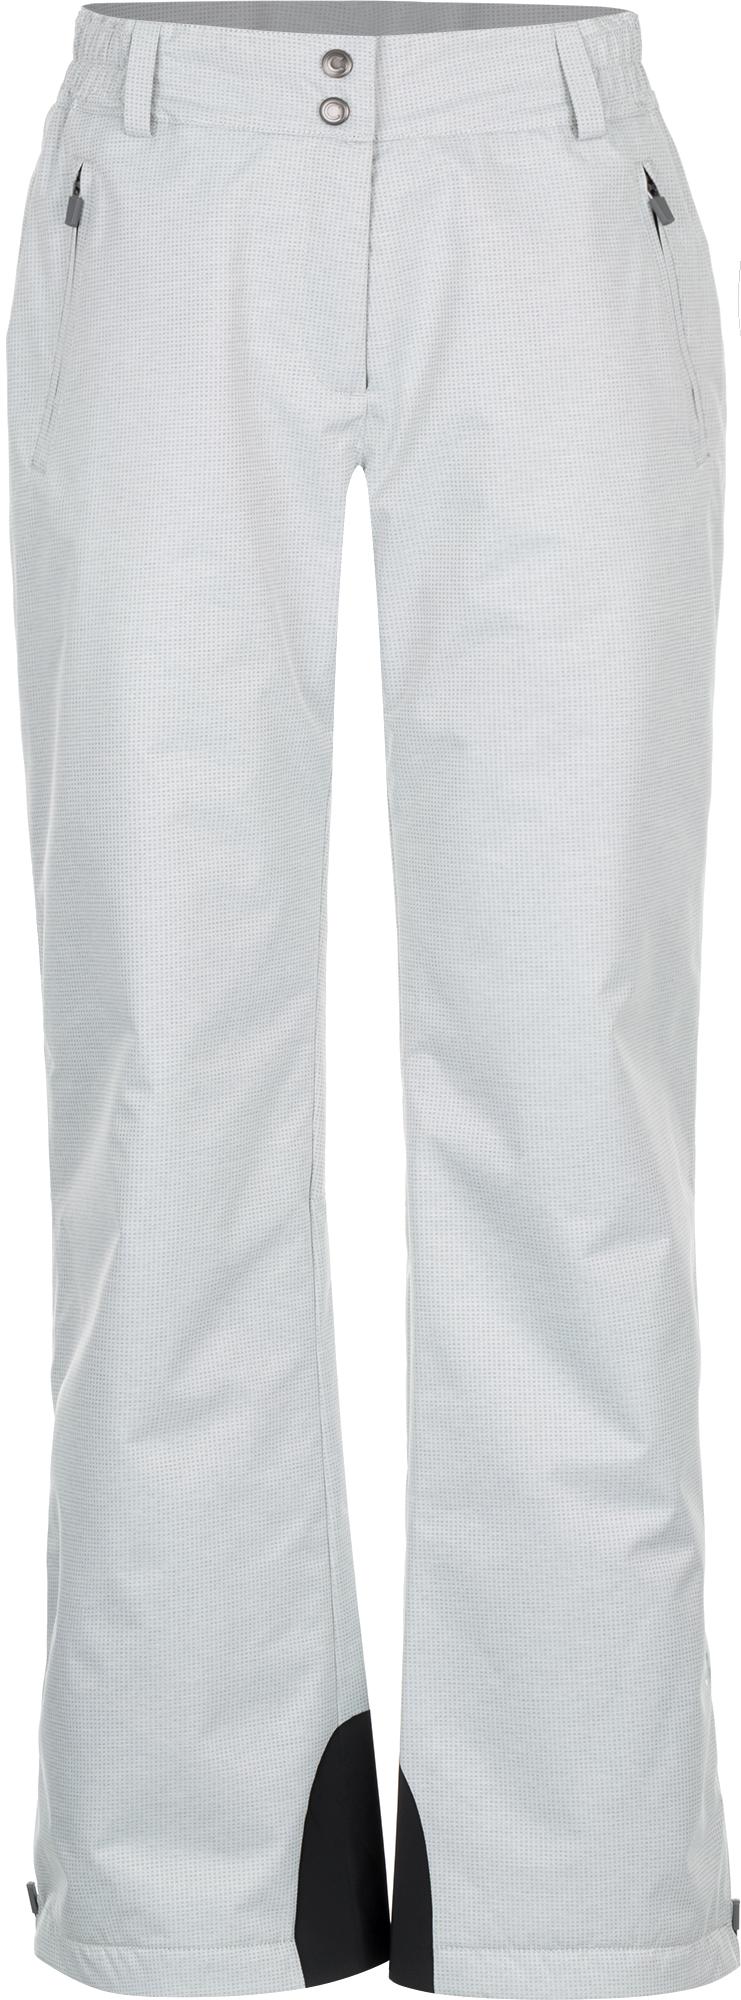 Colmar Брюки утепленные женские Colmar Textured Target colmar куртка